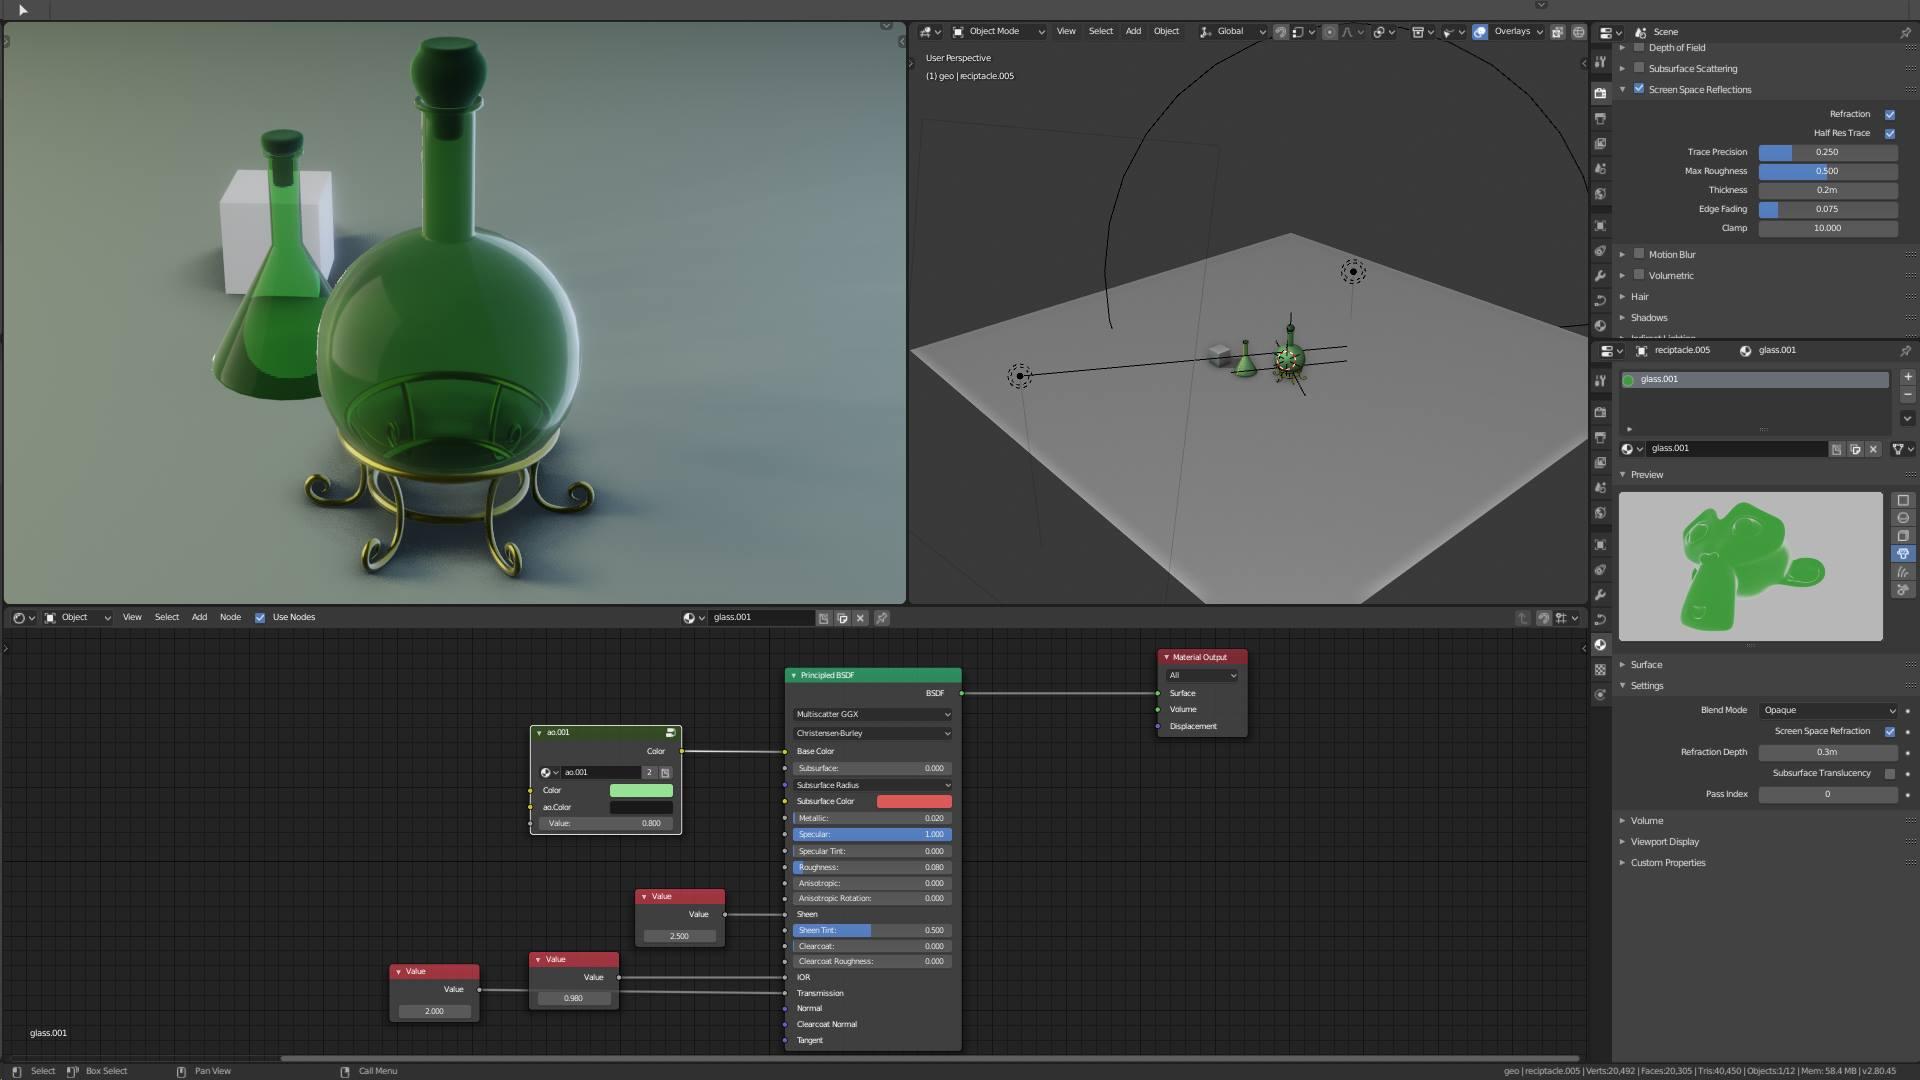 Eevee glass shader limitation - Works in Progress - Blender